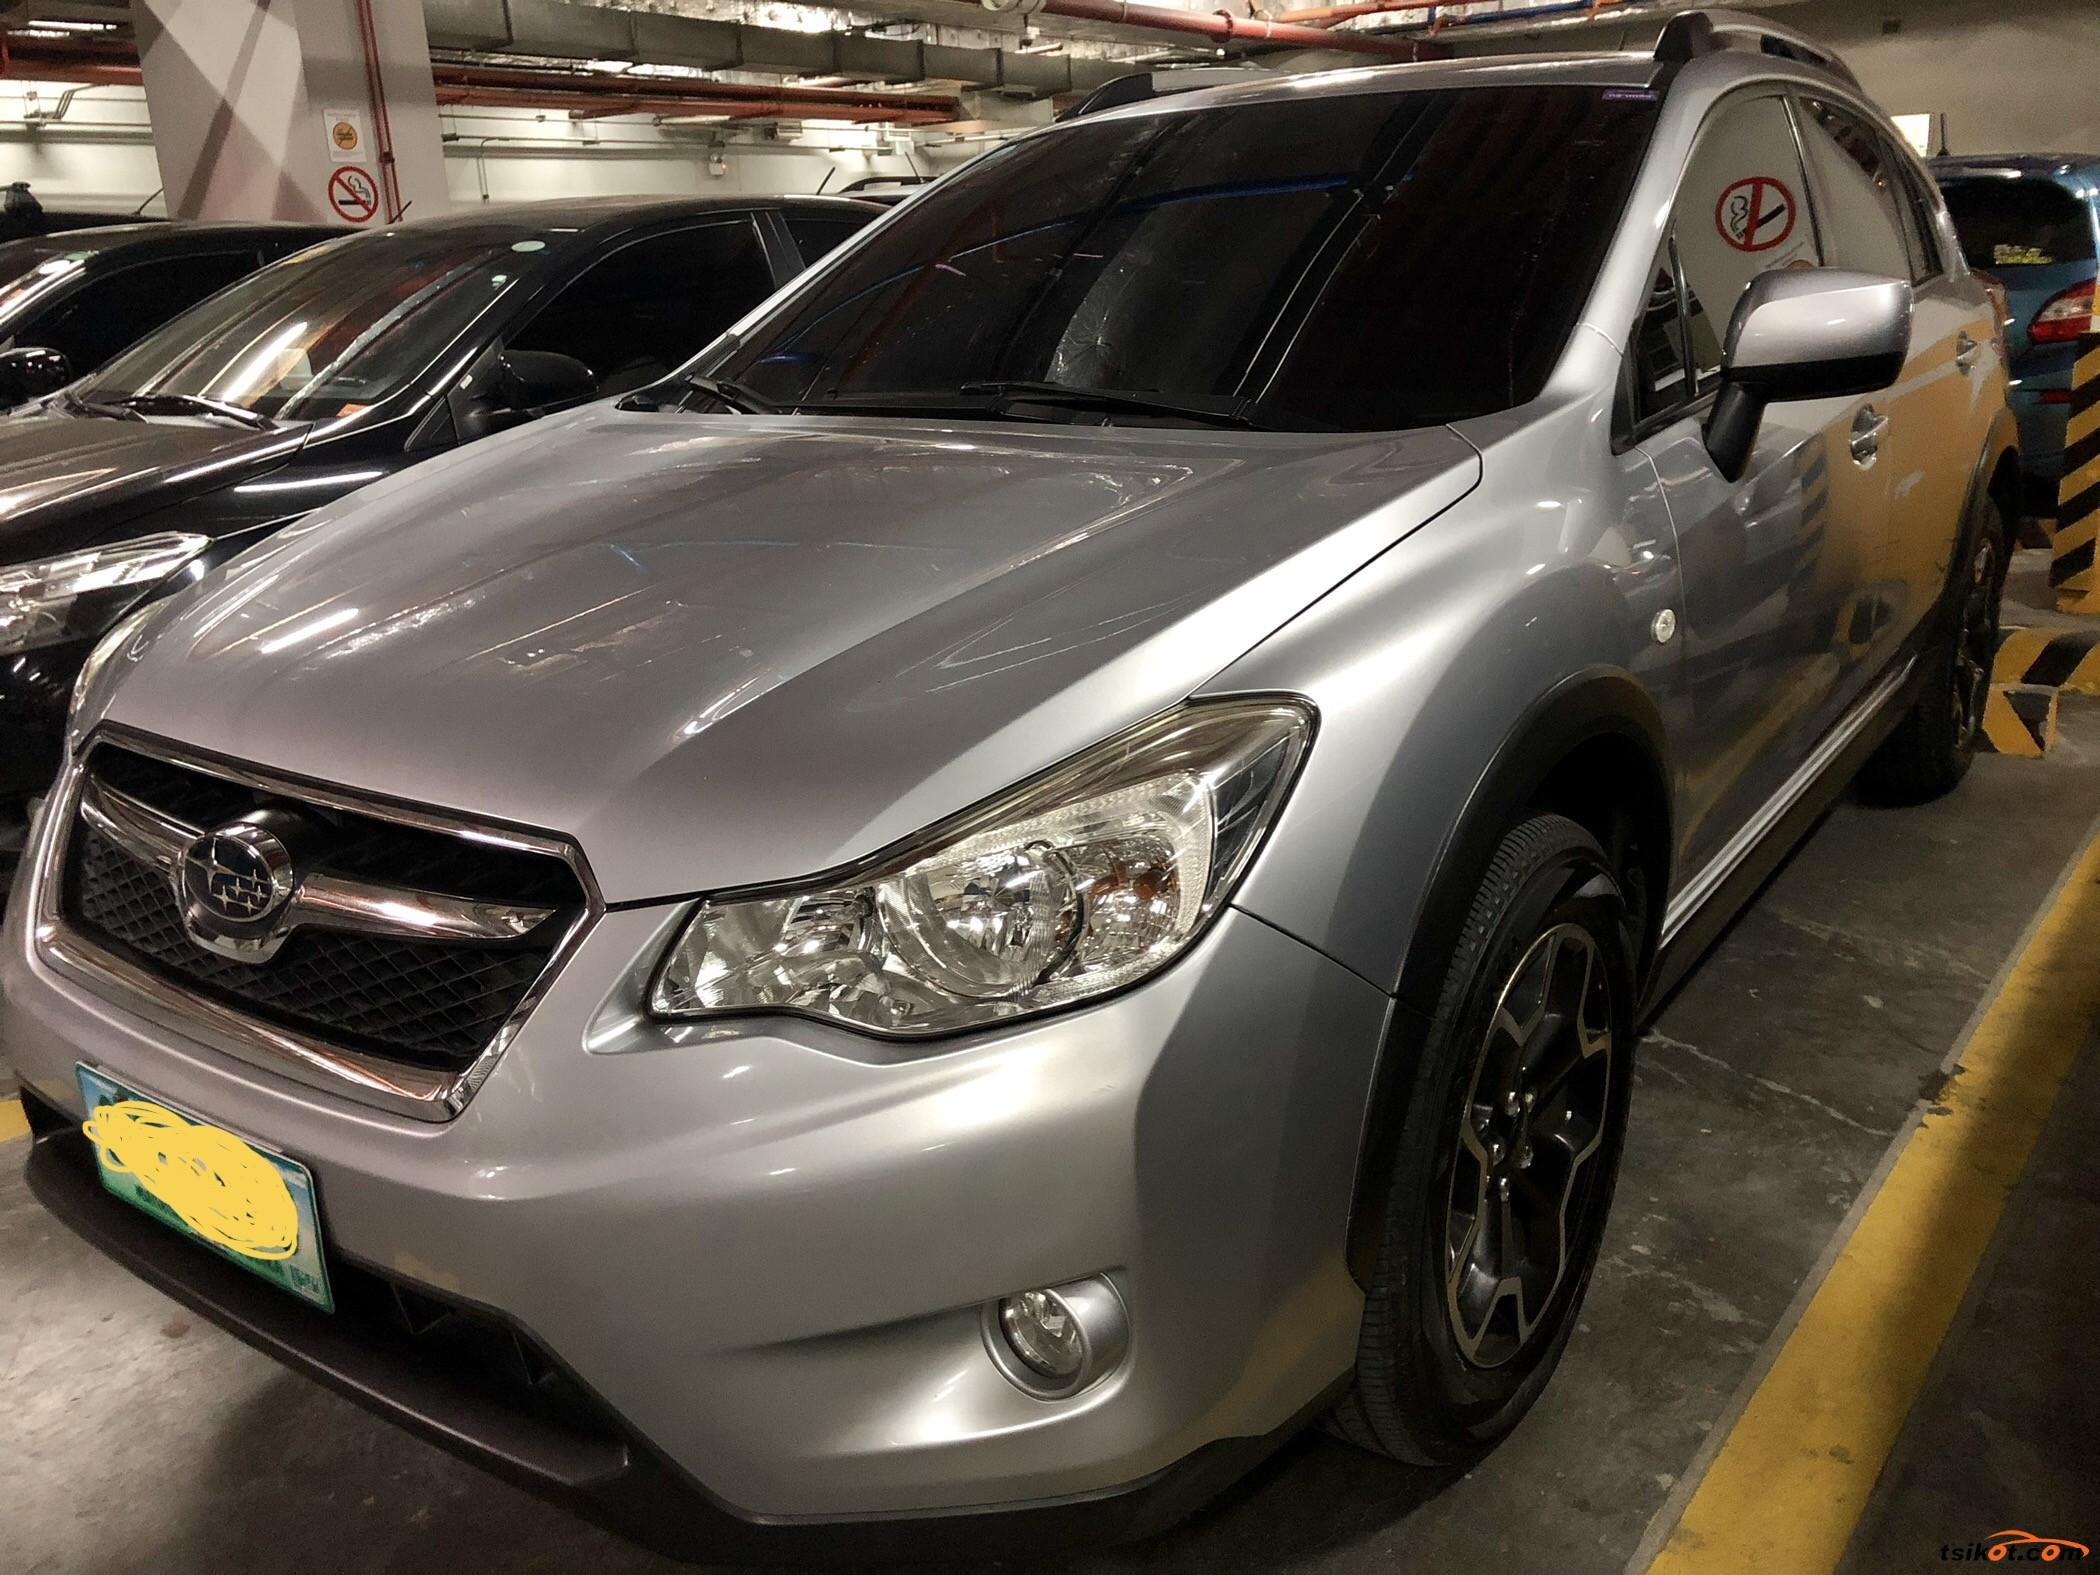 Subaru Xv 2012 - 2